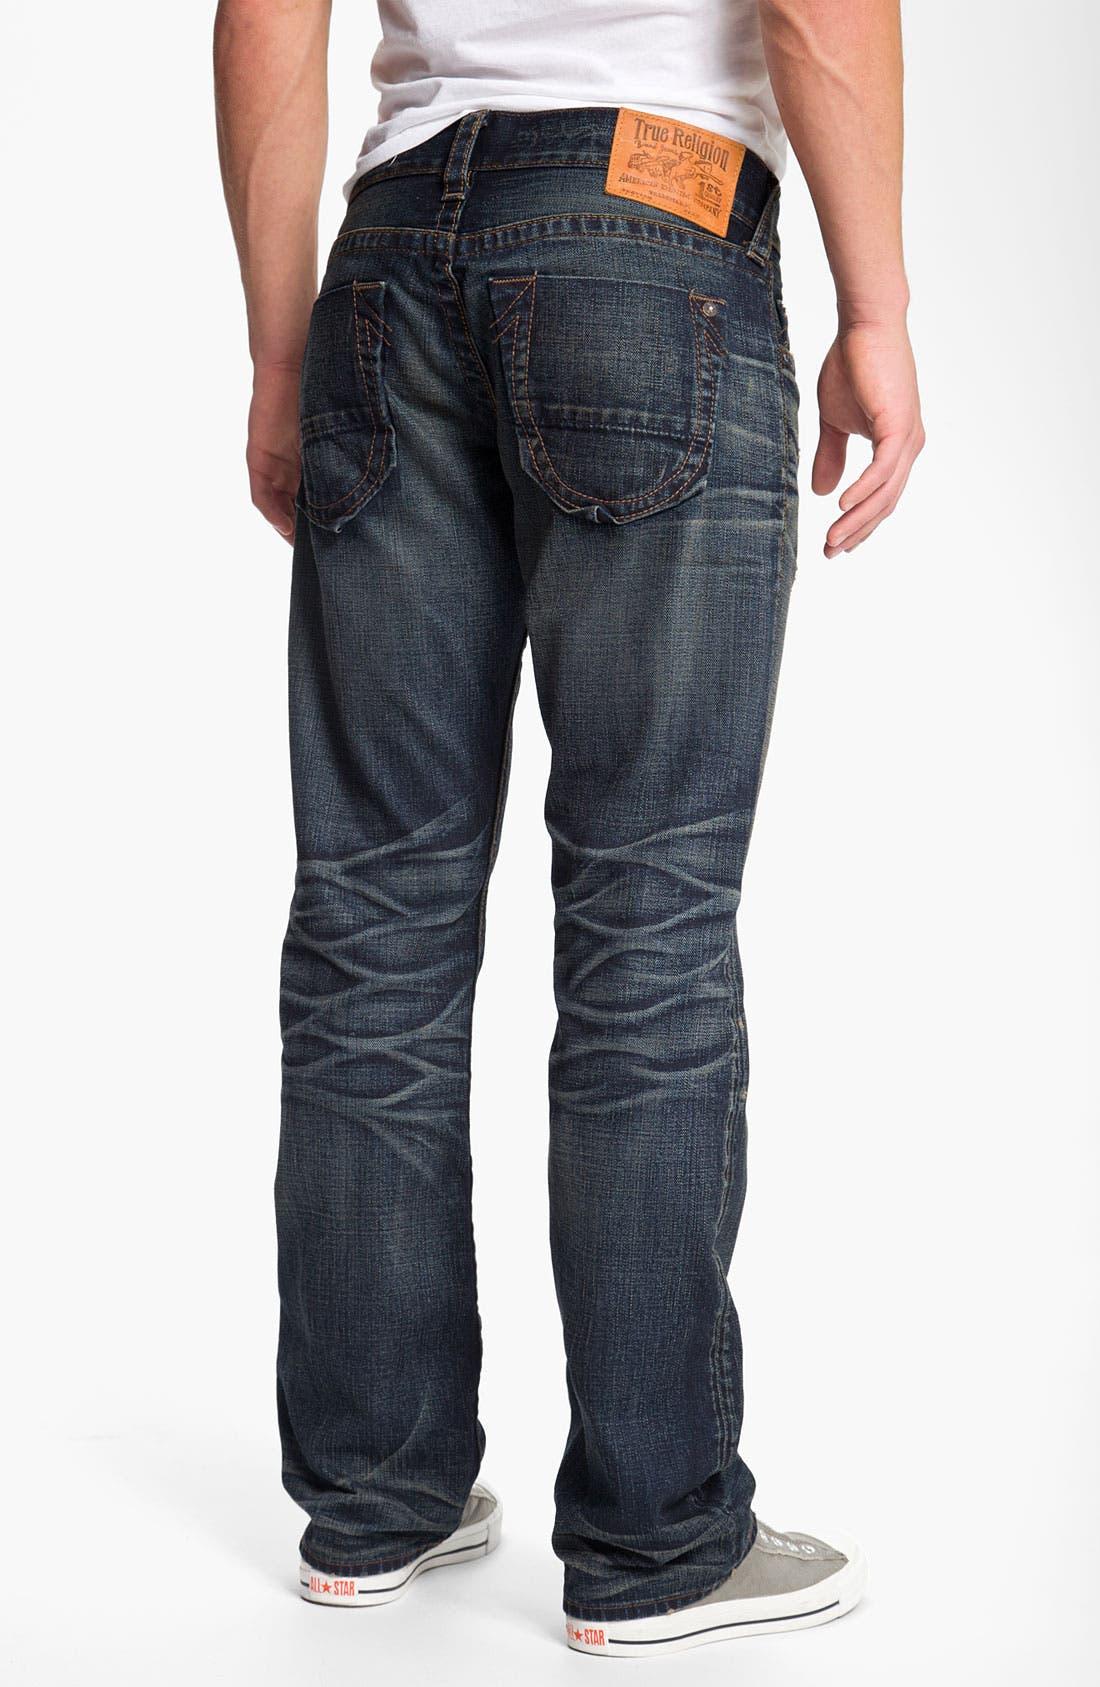 Main Image - True Religion Brand Jeans 'Bobby' Straight Leg Jeans (Snyper)